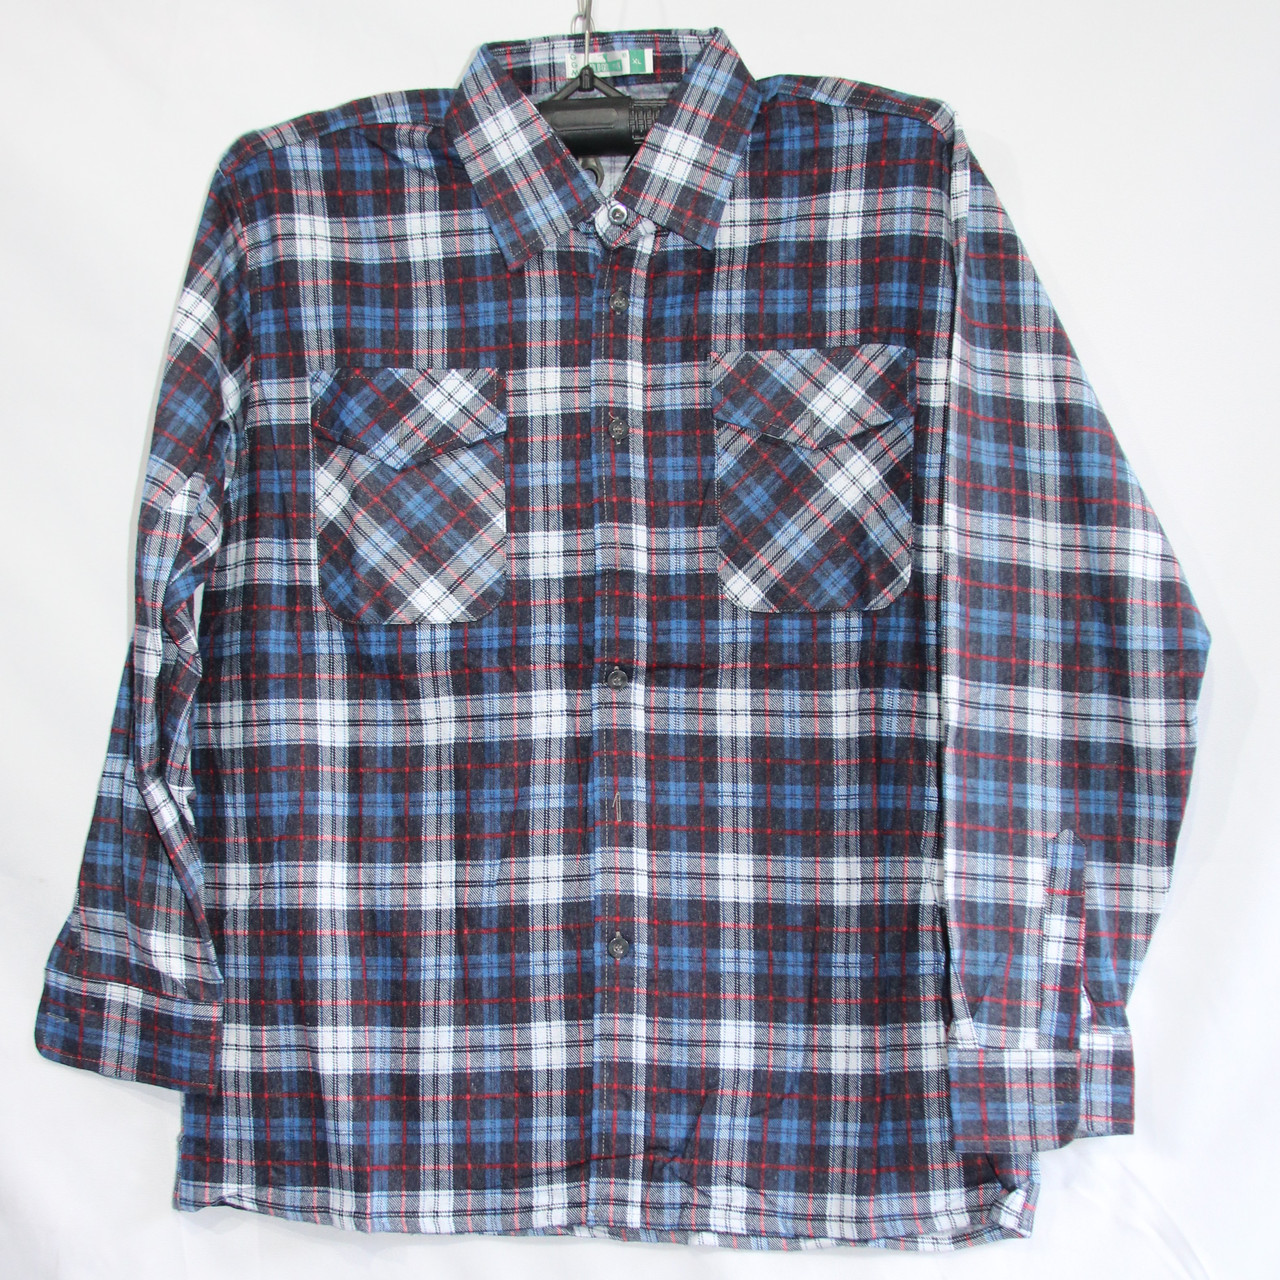 Мужская байка рубашка Батал (длинный рукав) оптом со склада в Одессе